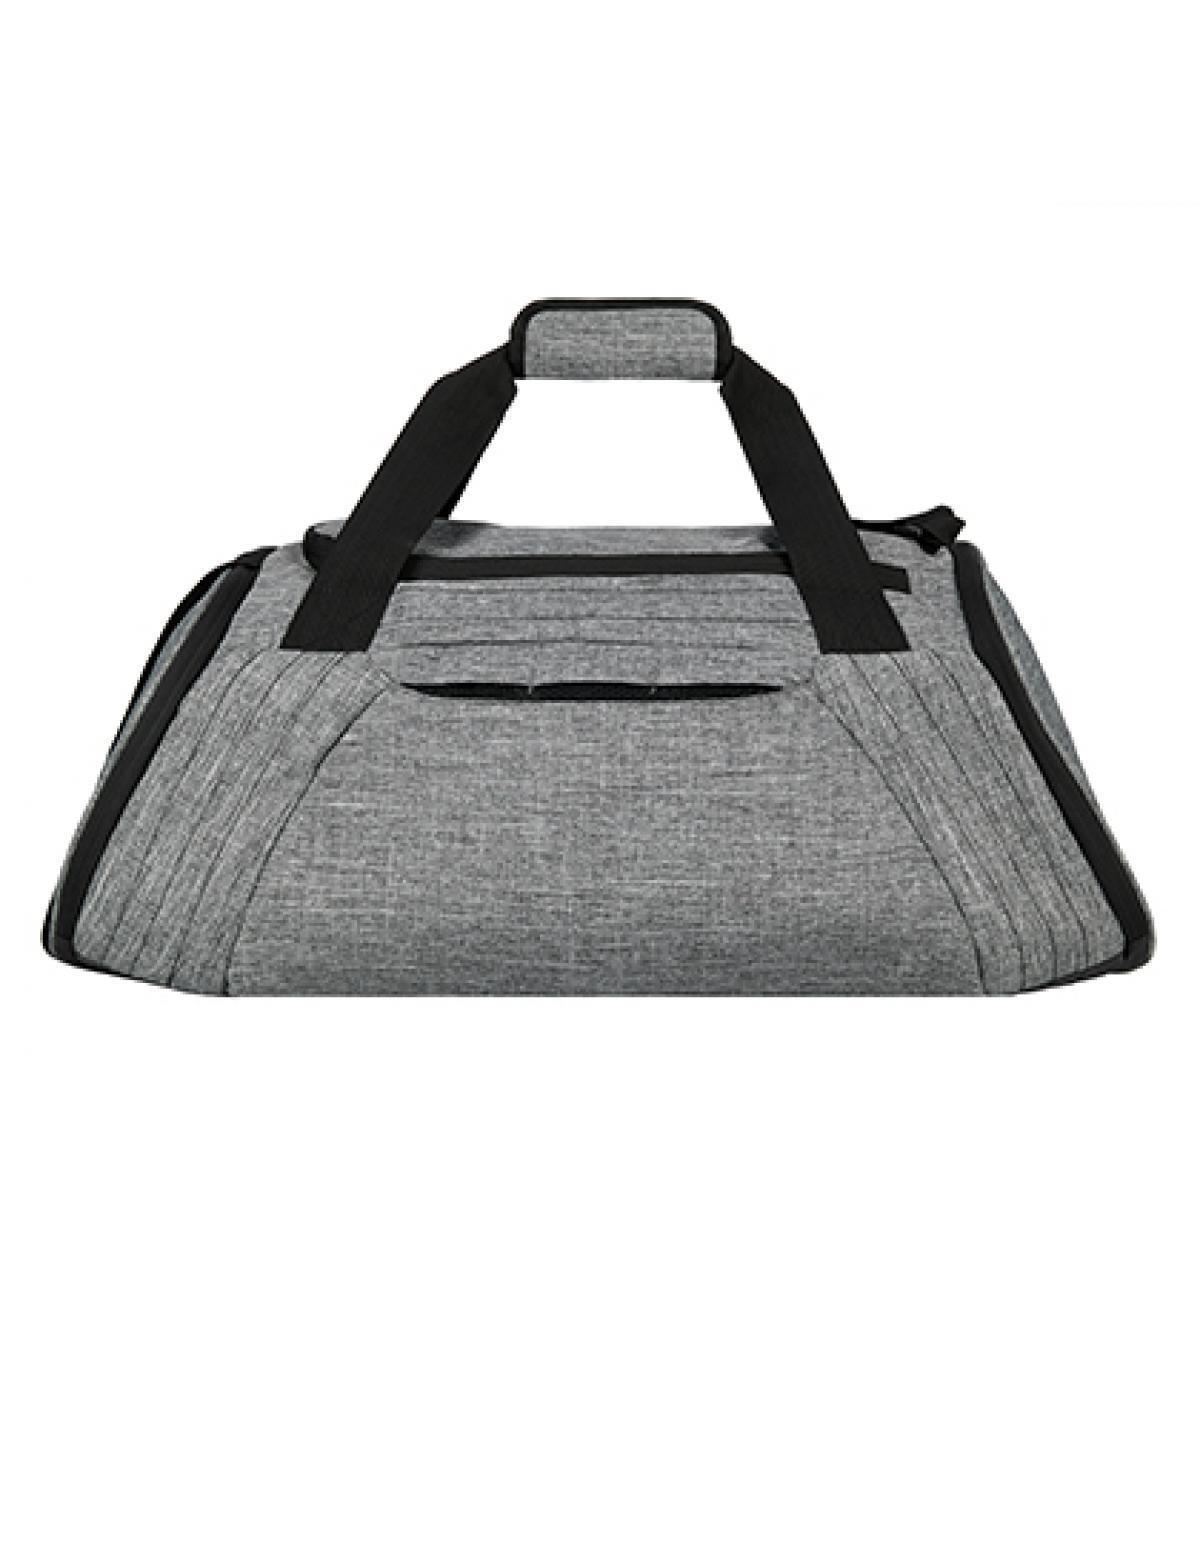 Allround Sports Bag Bag Bag - Baltimore 69 x 28 x 27 cm   bags2GO 667385